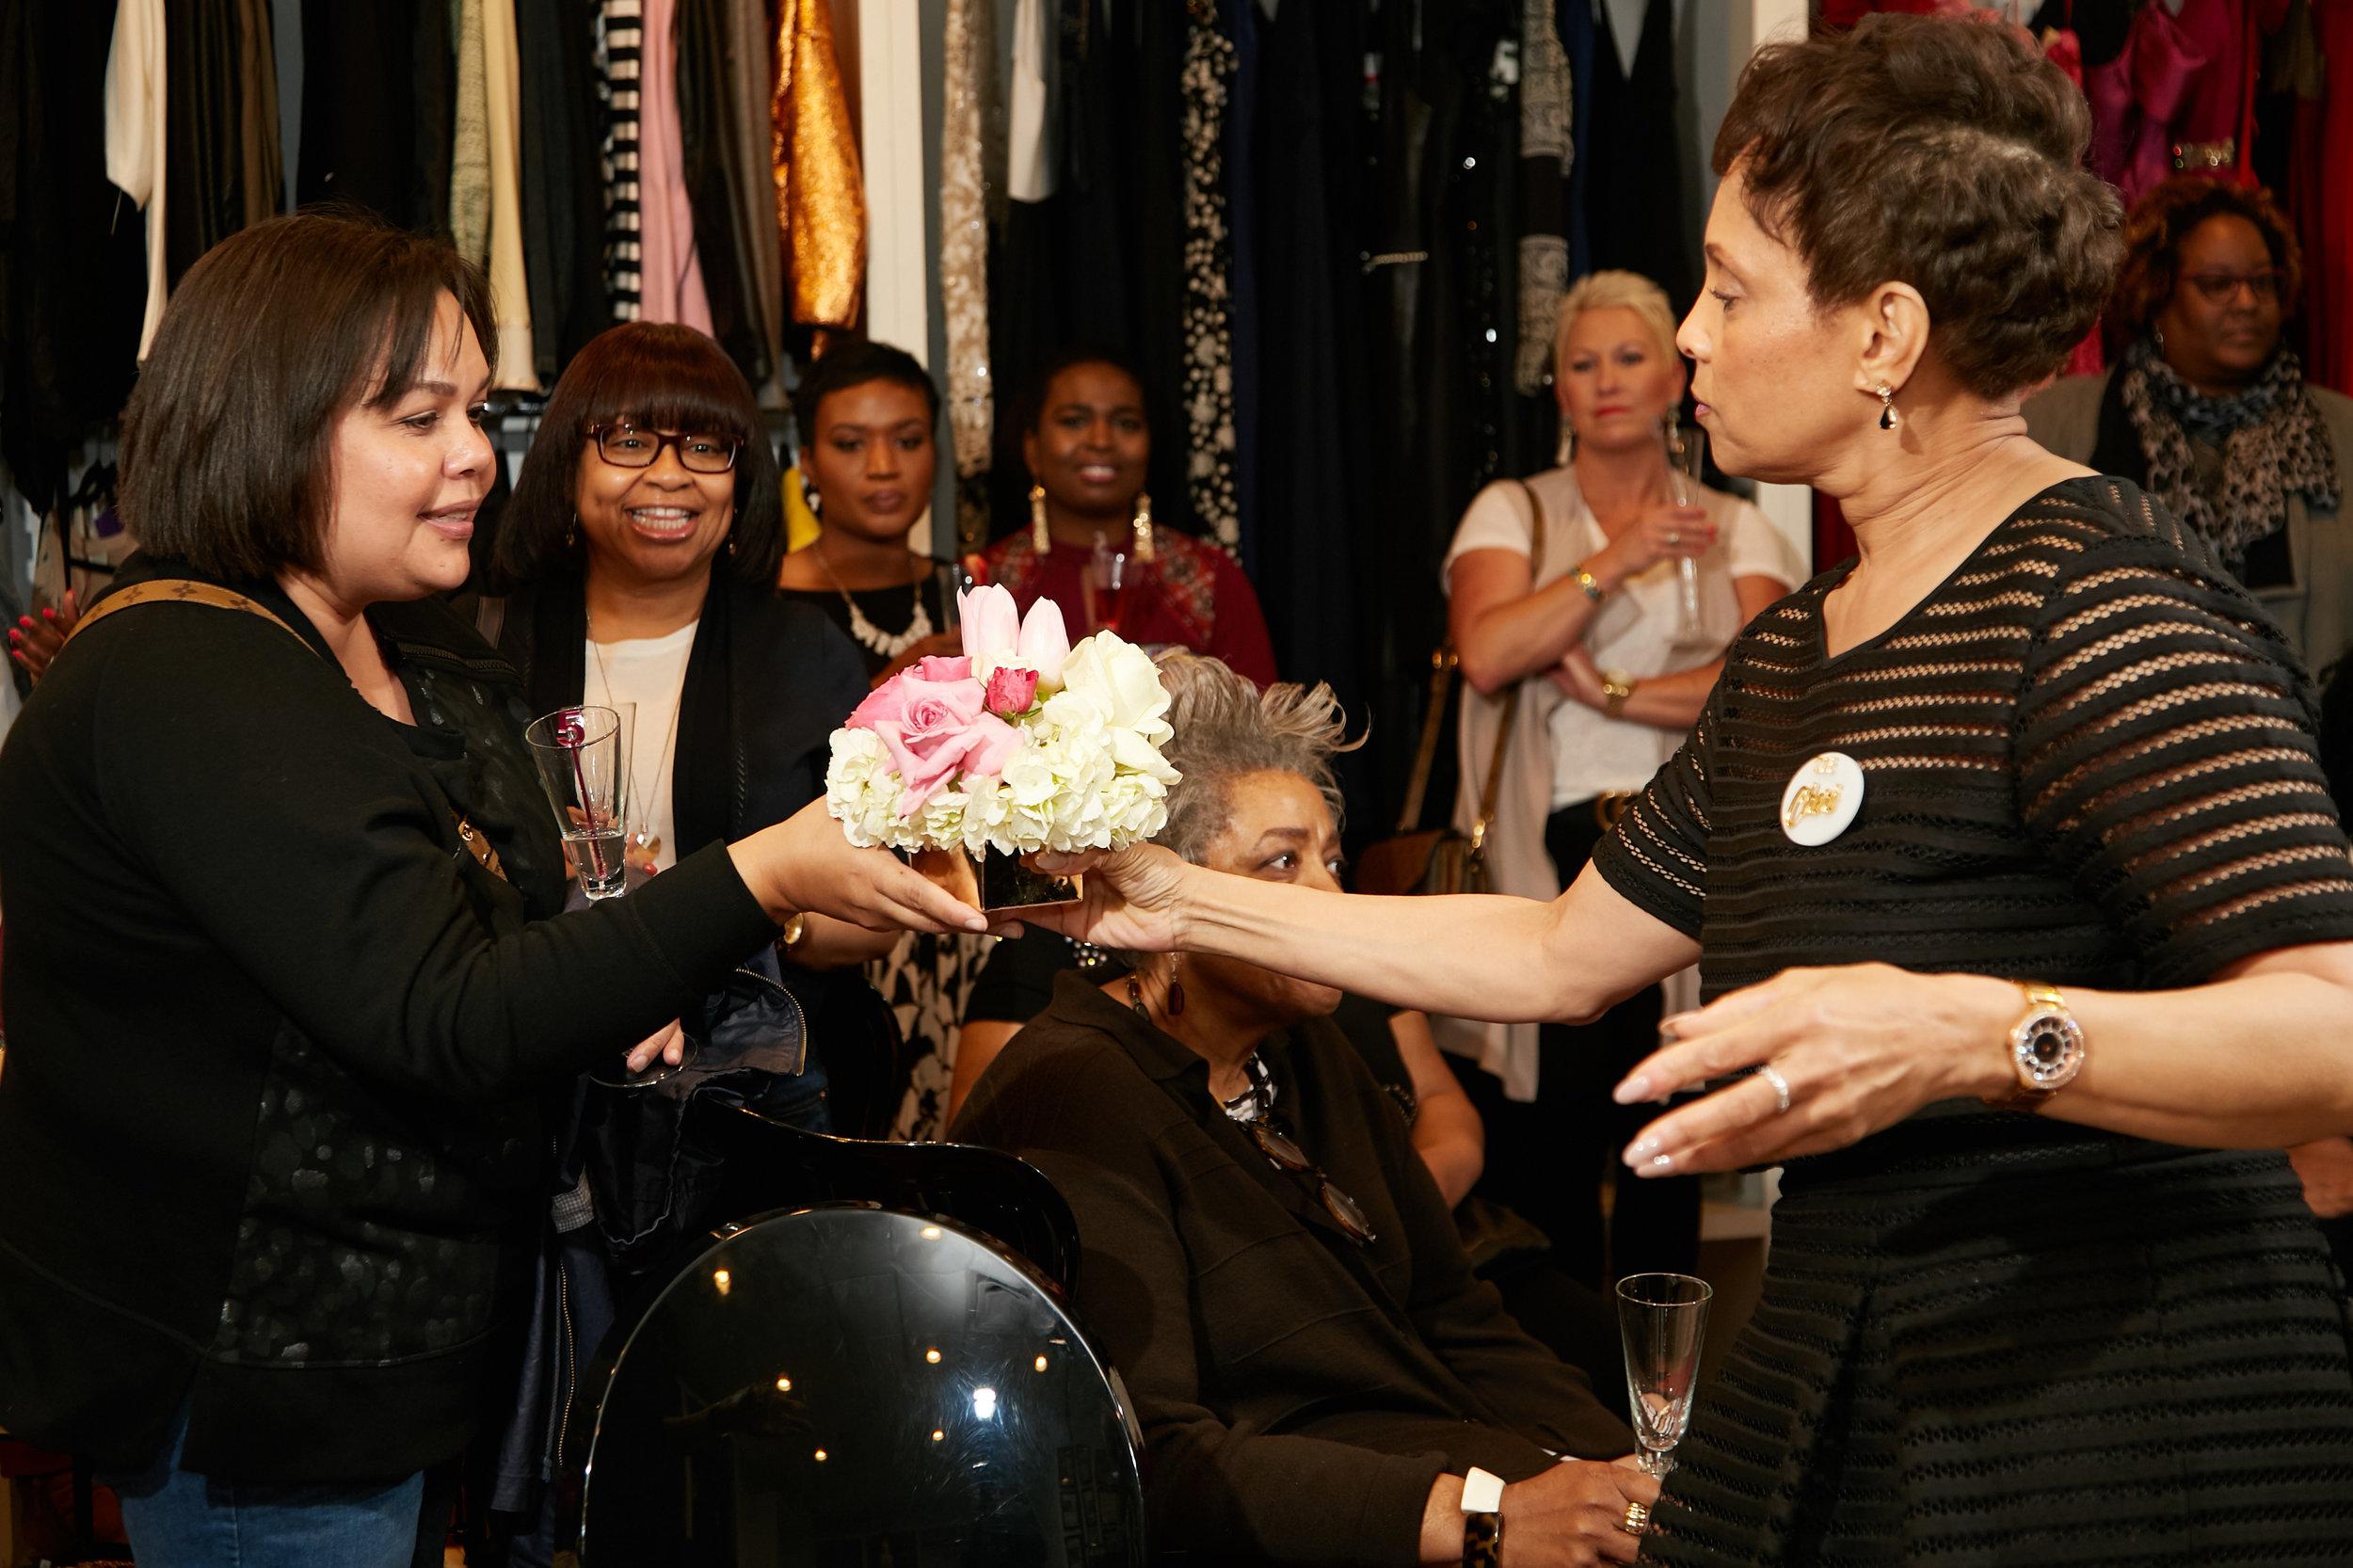 Cheri Denise Events - Event Planner, Floral Designer